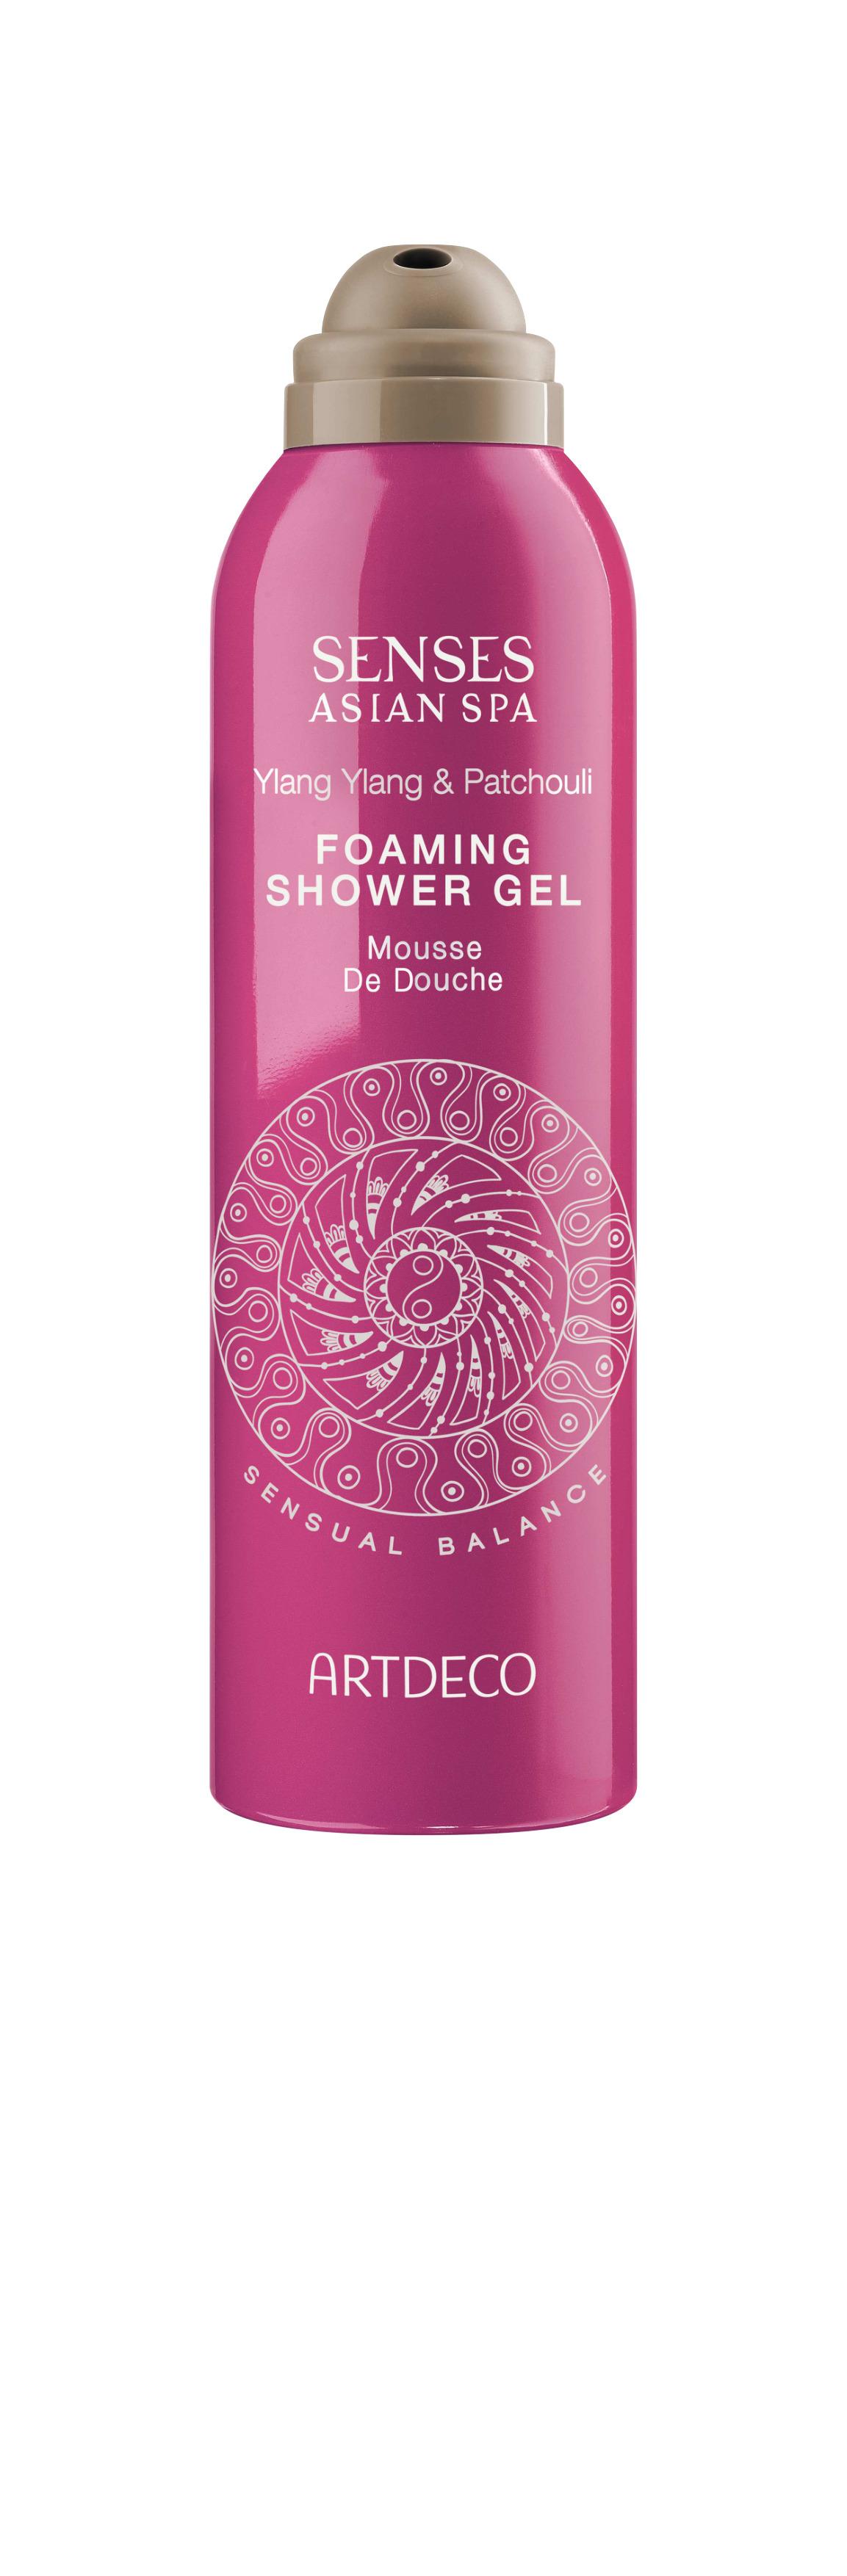 Artdeco гель-пена для душа Foaming shower gel, sensual balance, 200 мл65300Нежно очищает, увлажняет, питает и восстанавливает кожу При контакте с водой превращается в воздушную пену